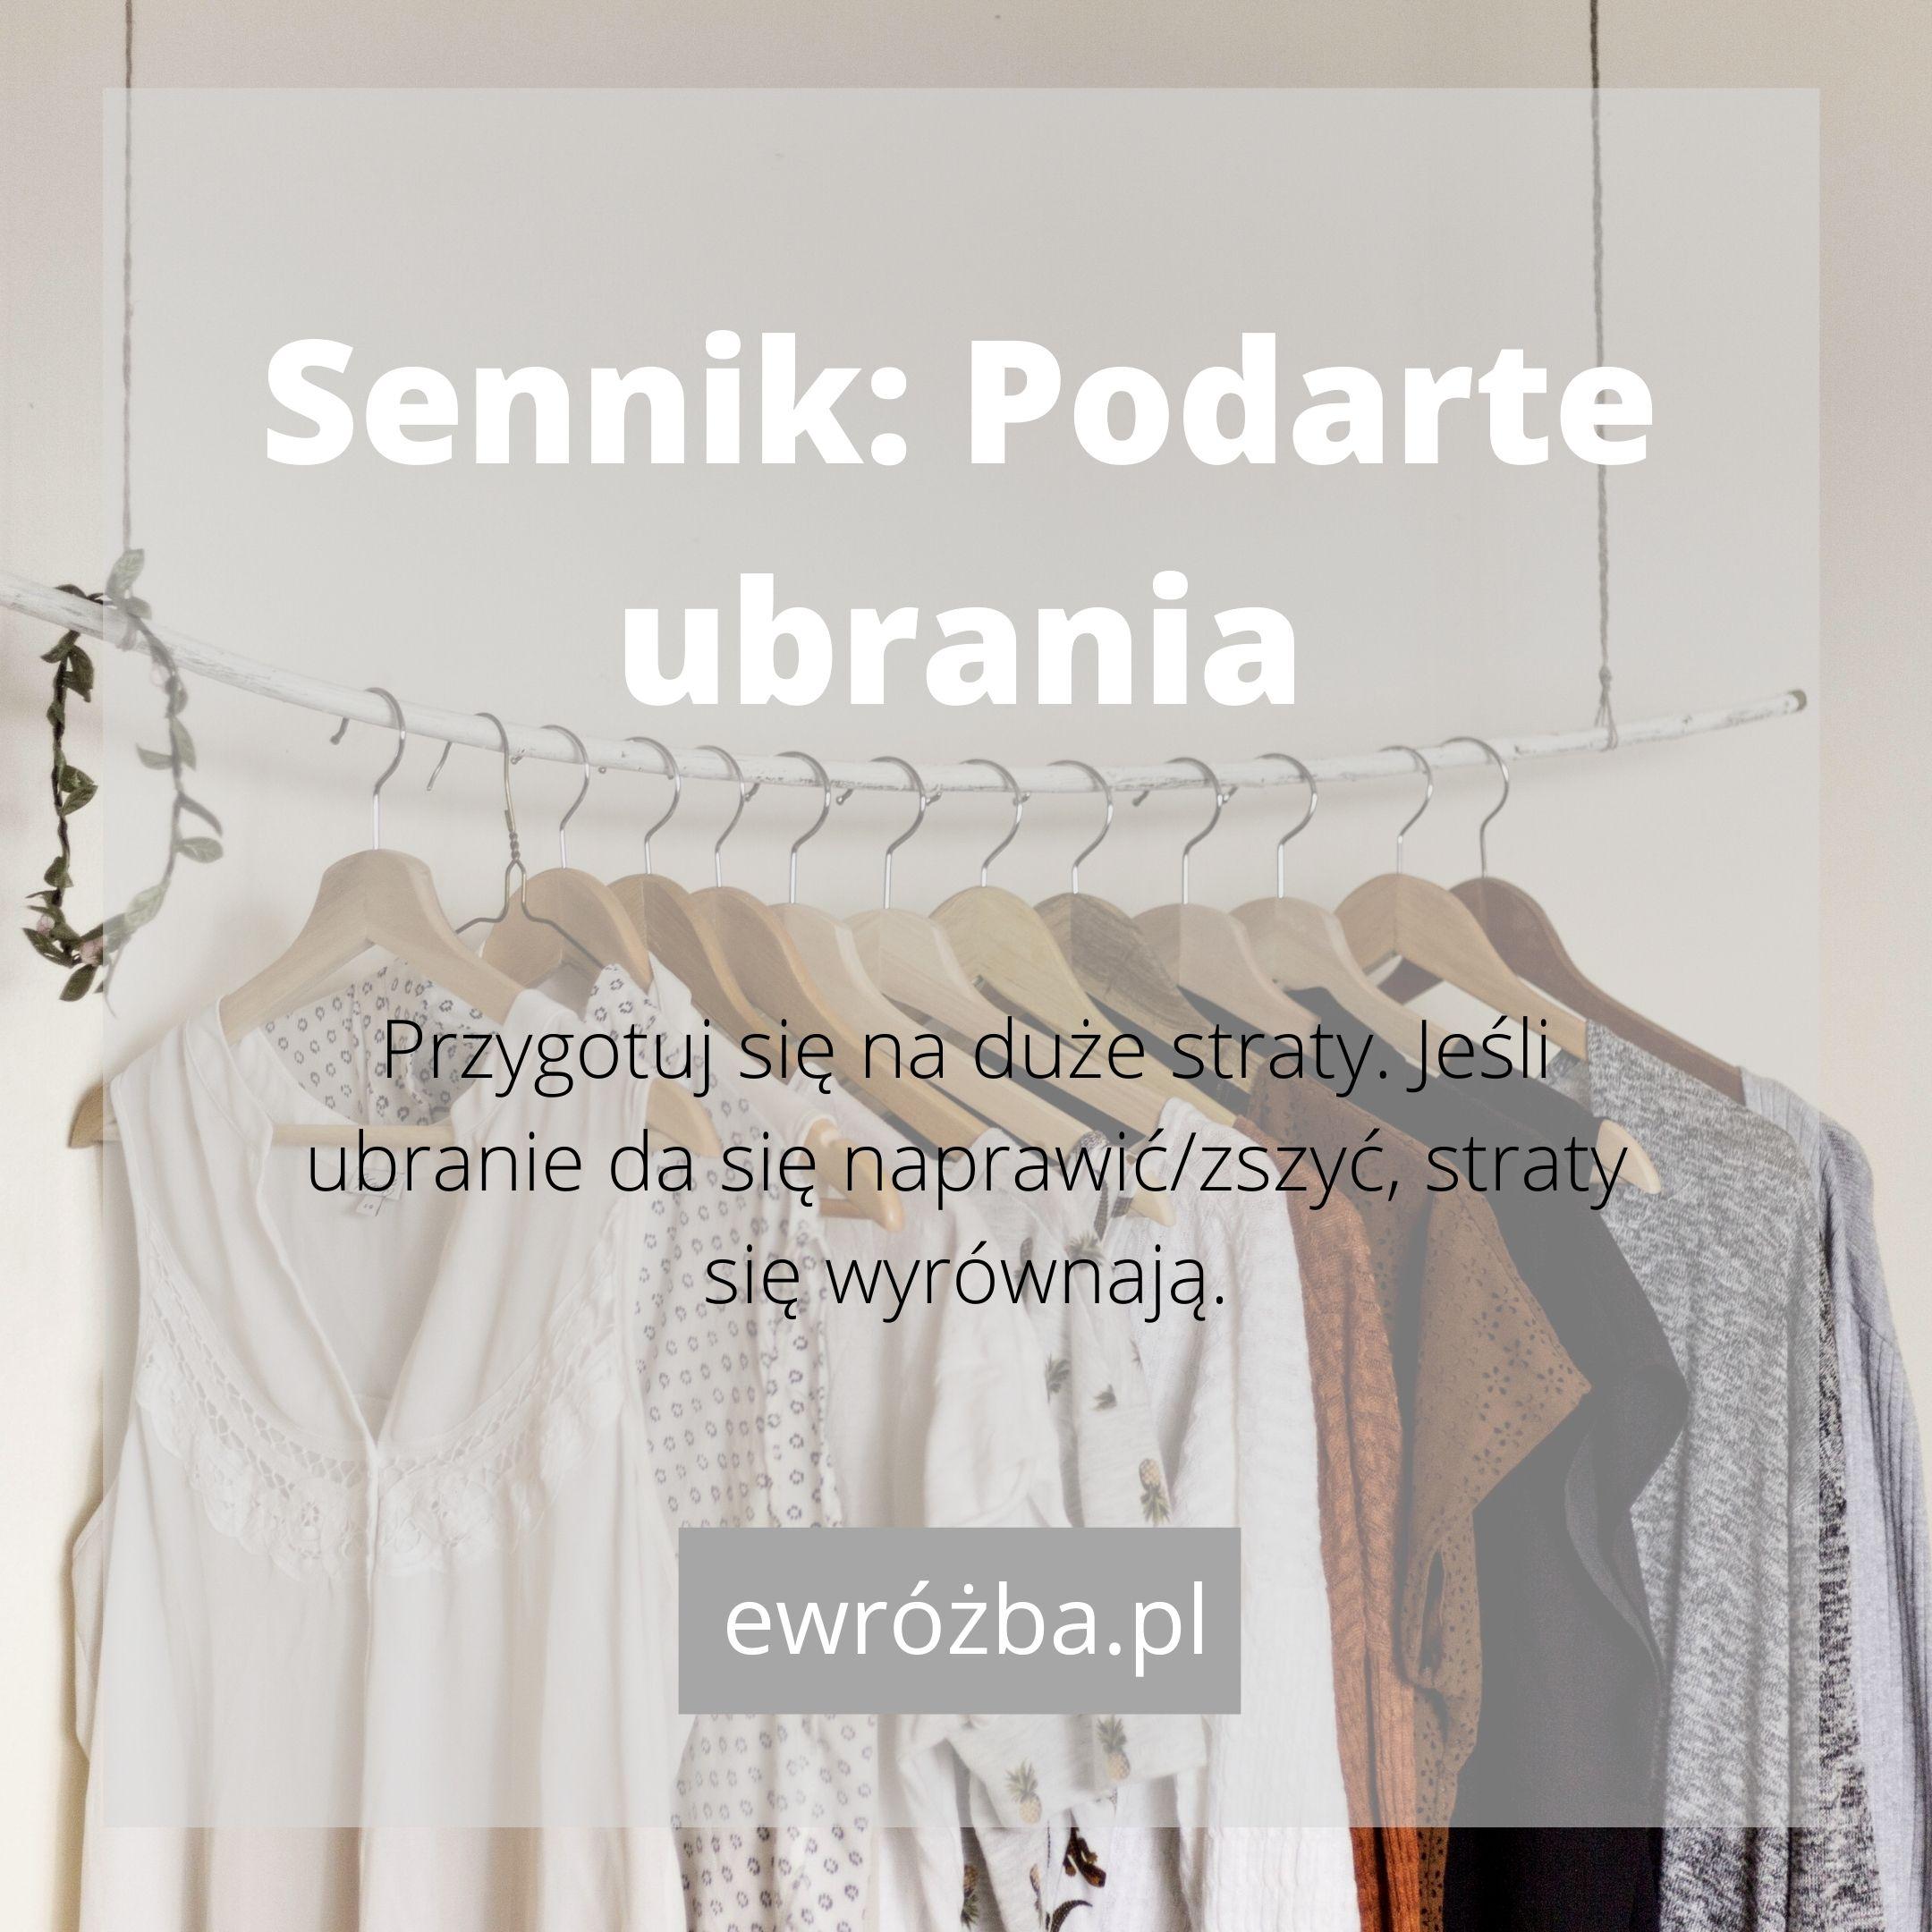 Ubrania w snach 1